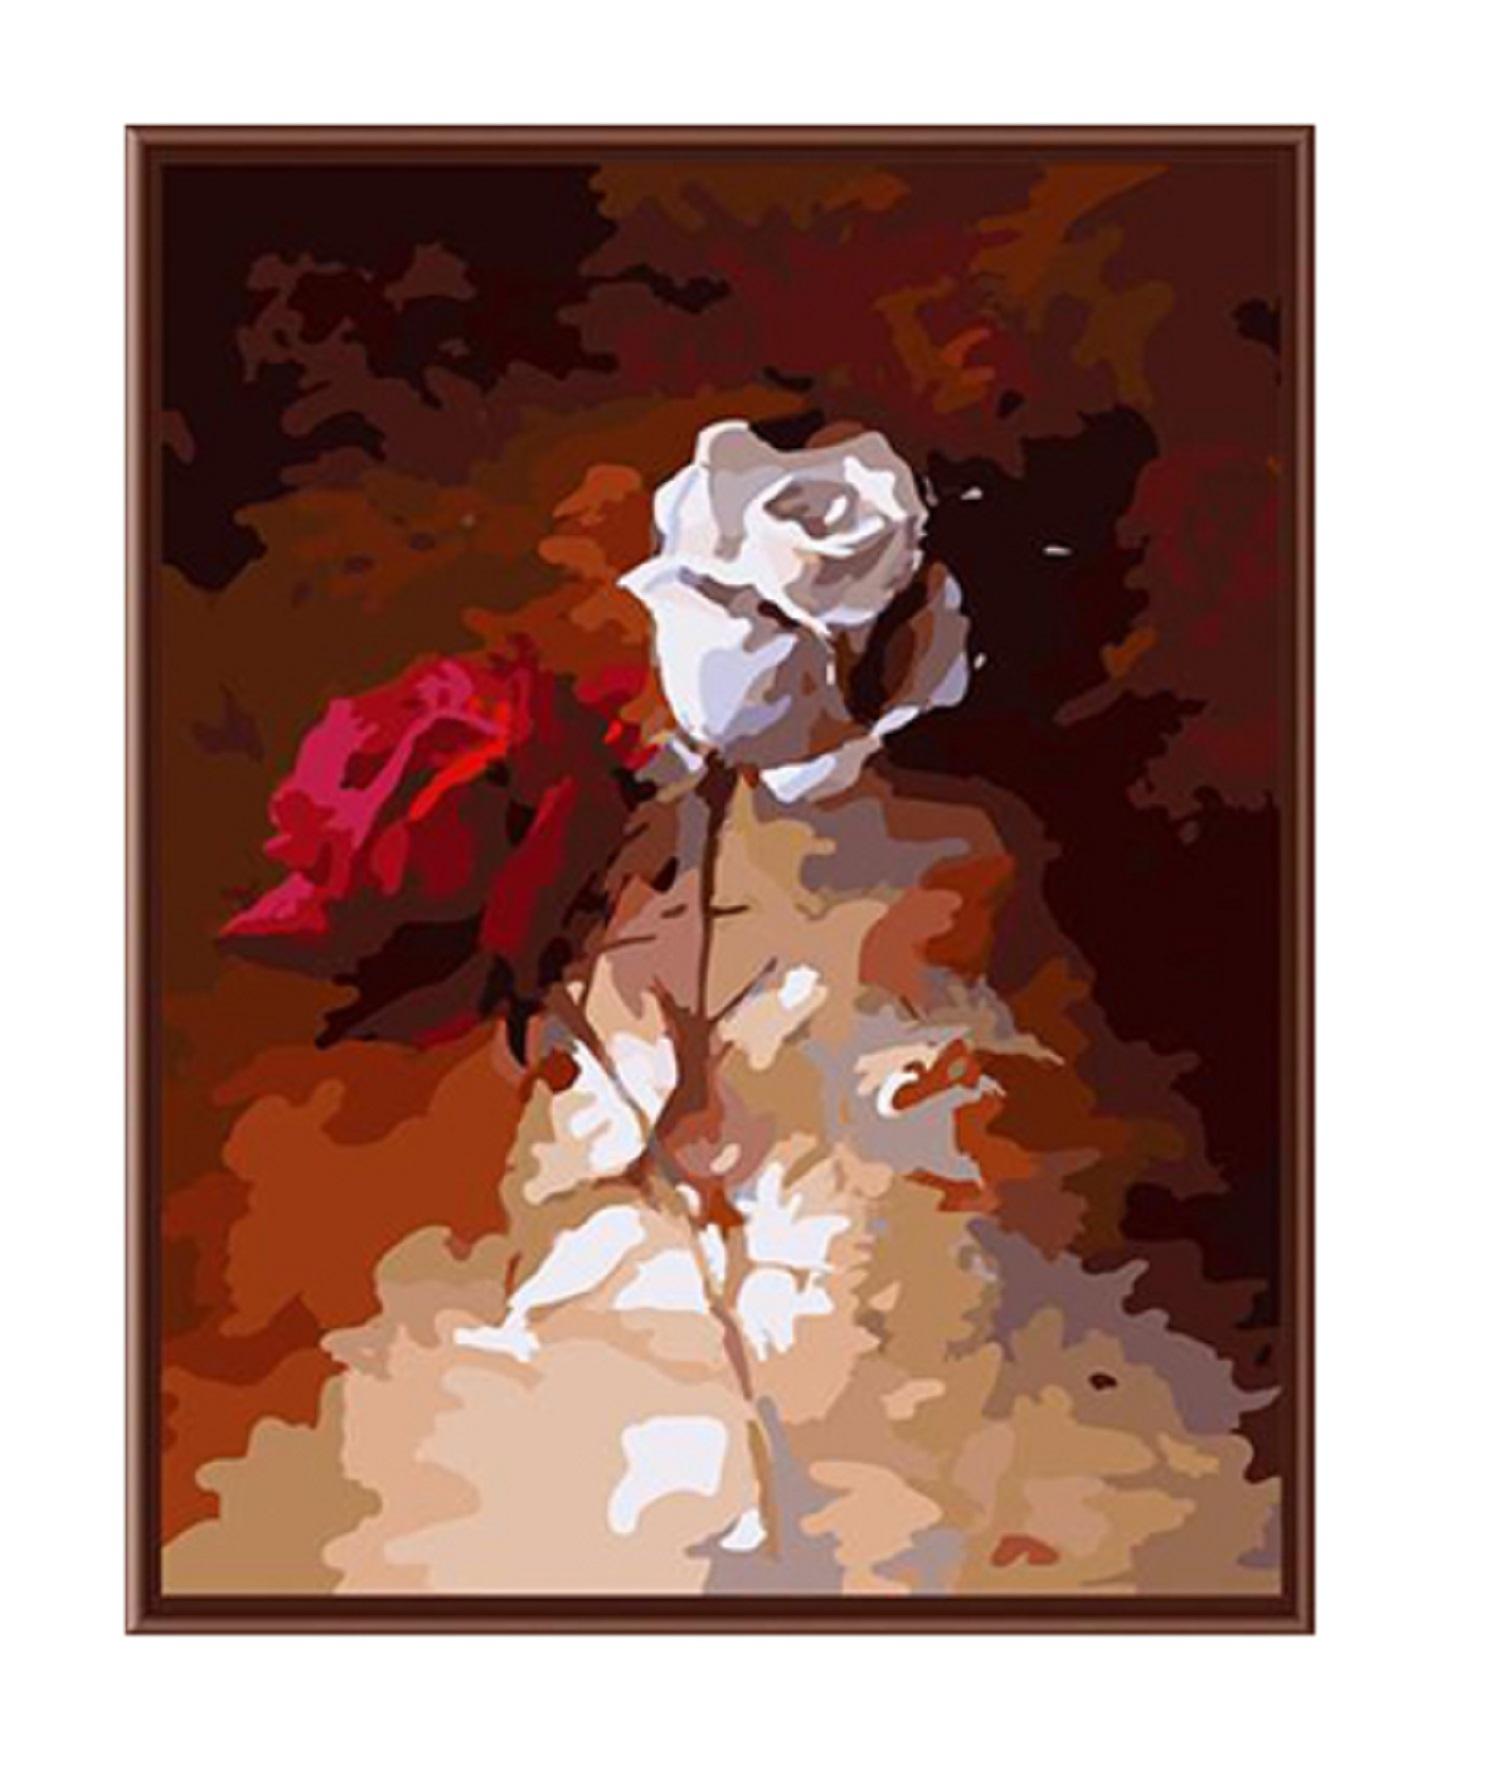 herr malen nach zahlen f r erwachsene xxl mit aufgespannter staffelei bild 50cm x 65cm rosen. Black Bedroom Furniture Sets. Home Design Ideas